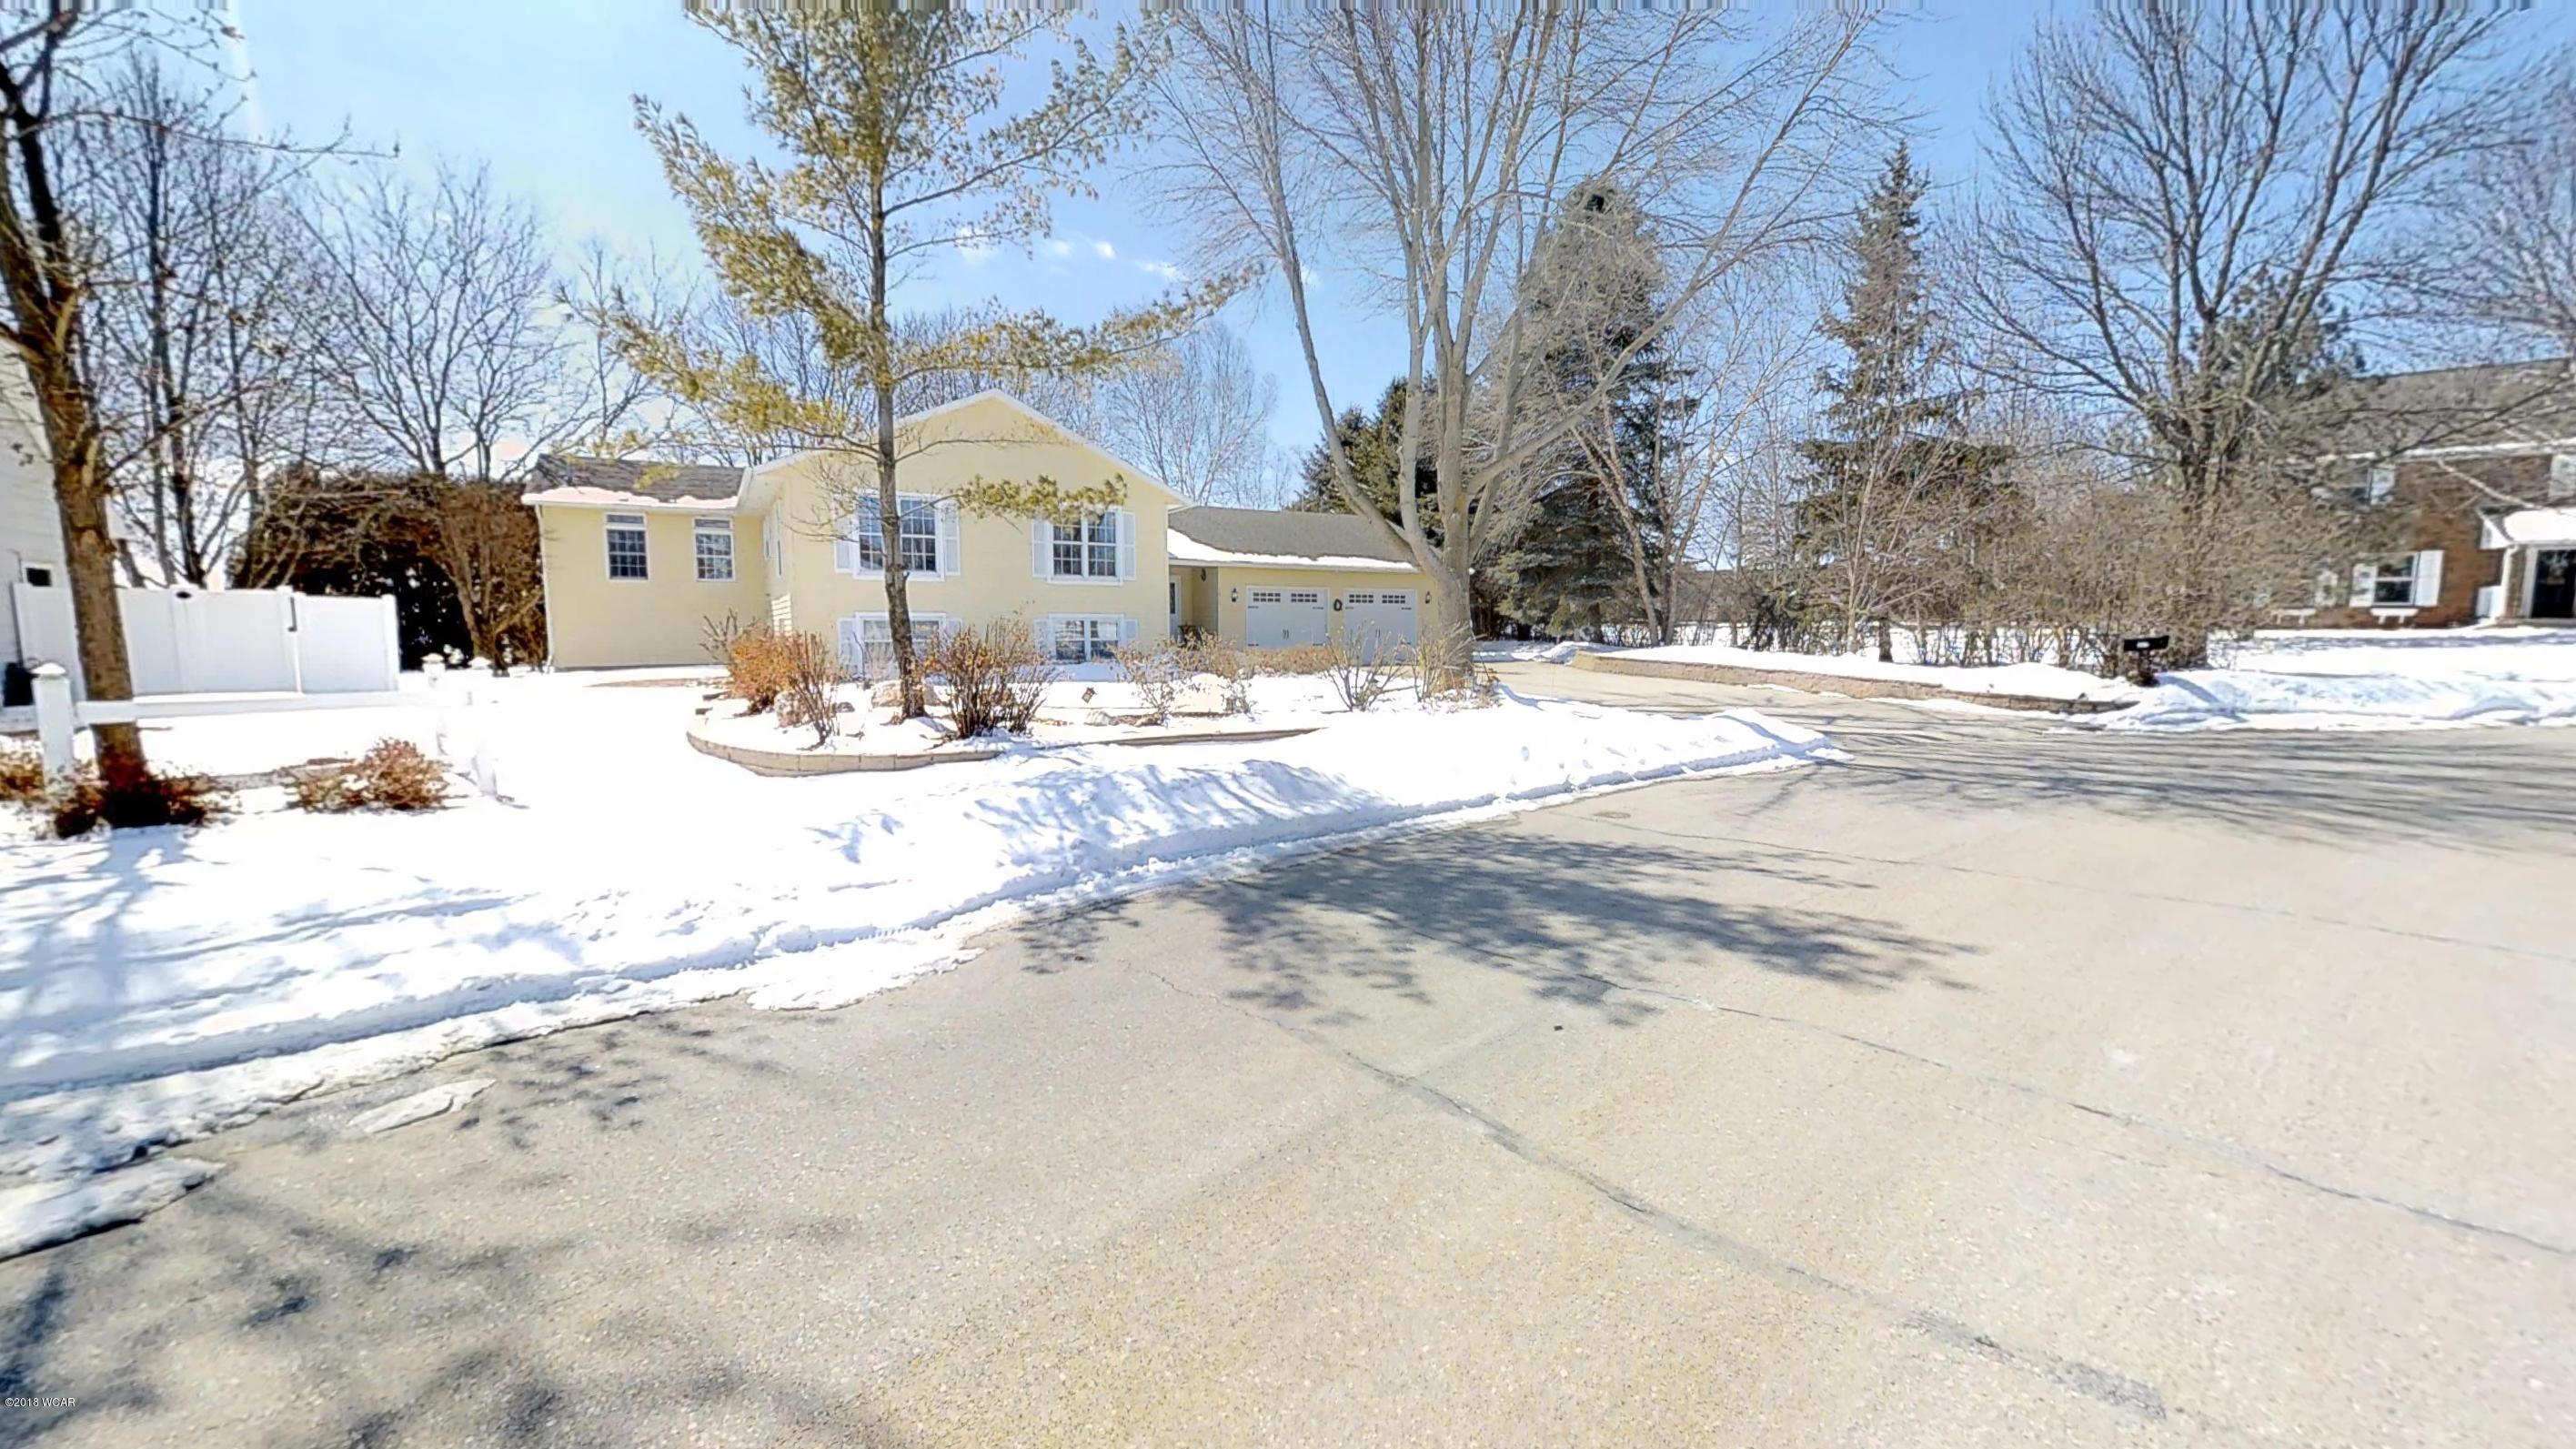 1617 Hansen Drive,Willmar,4 Bedrooms Bedrooms,3 BathroomsBathrooms,Single Family,Hansen Drive,6030136